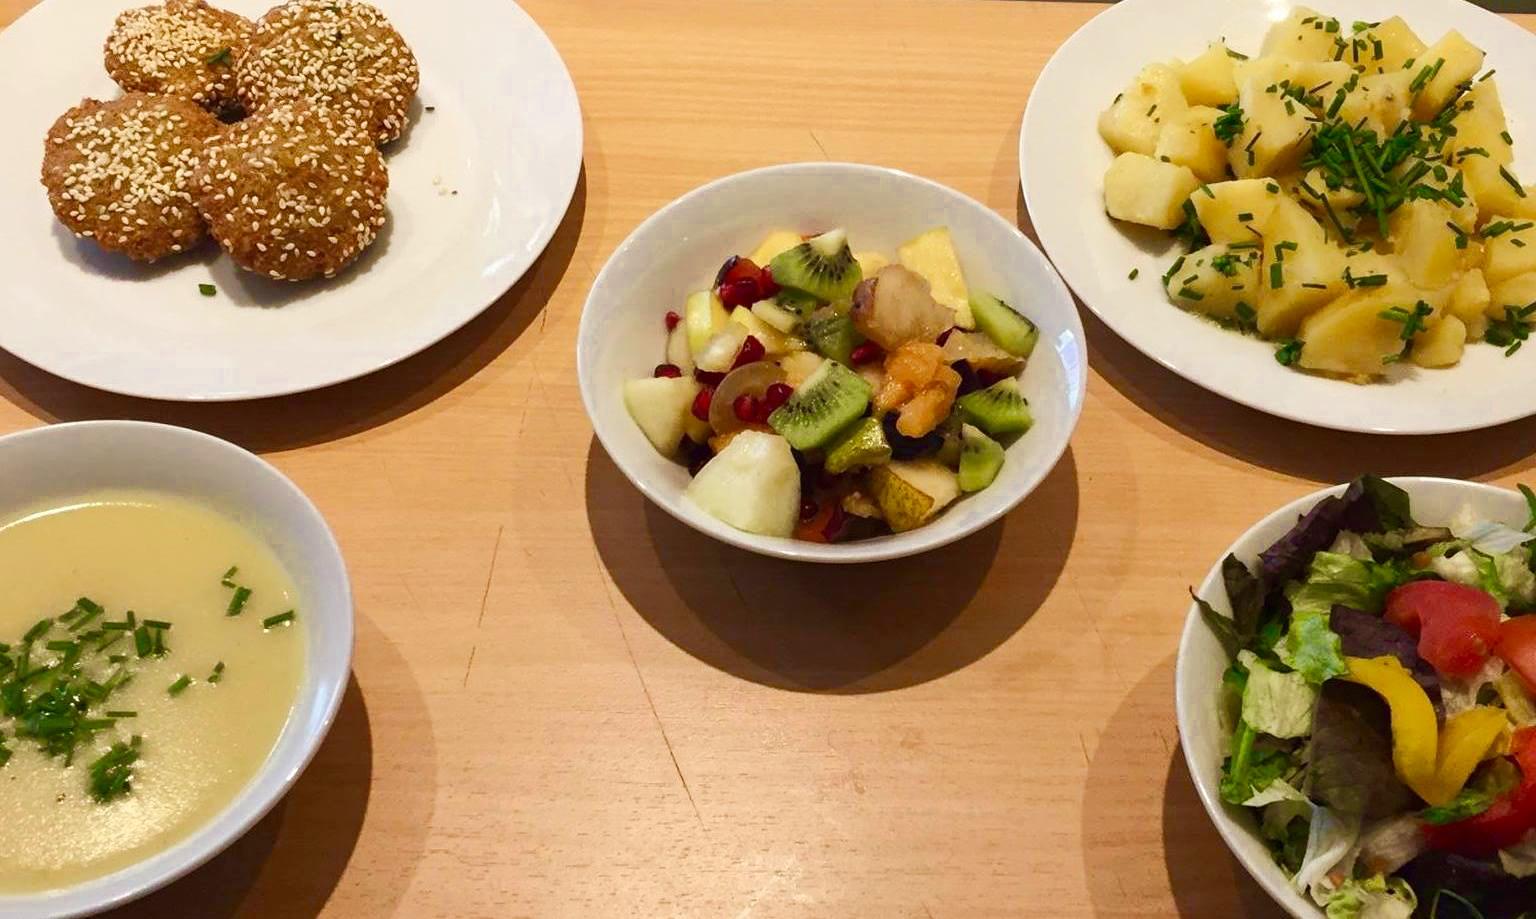 Beispiel für ein Mittagsmenü: Kartoffelcremesuppe, Falafel mit Erdäpfeln und Salat, Obstsalat